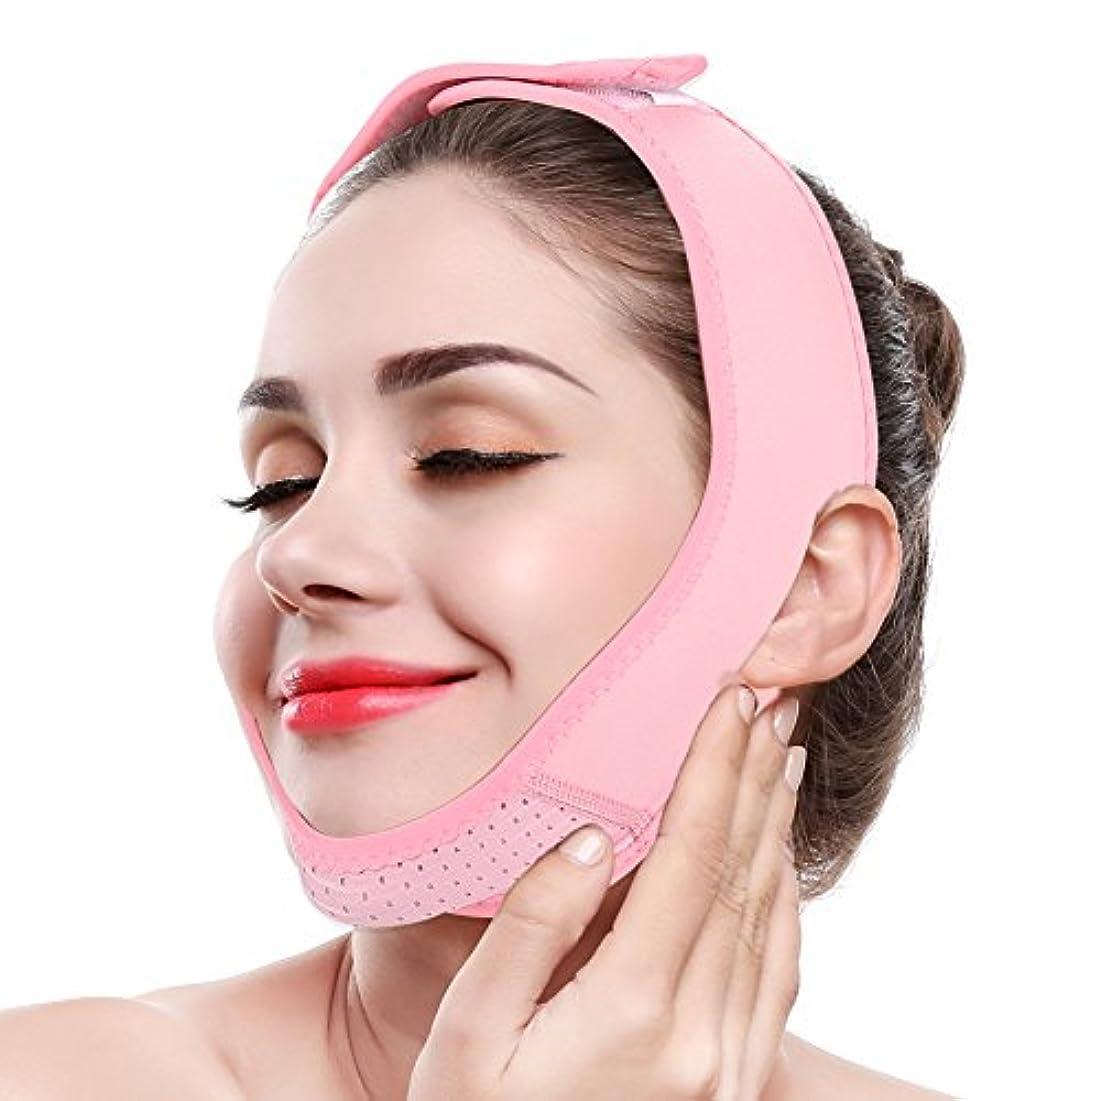 真夜中出撃者航空Facial Lifting Slimming Belt, V Line Mask Neck Compression Double Chin Strap Weight Loss Belts Skin Care Chin...